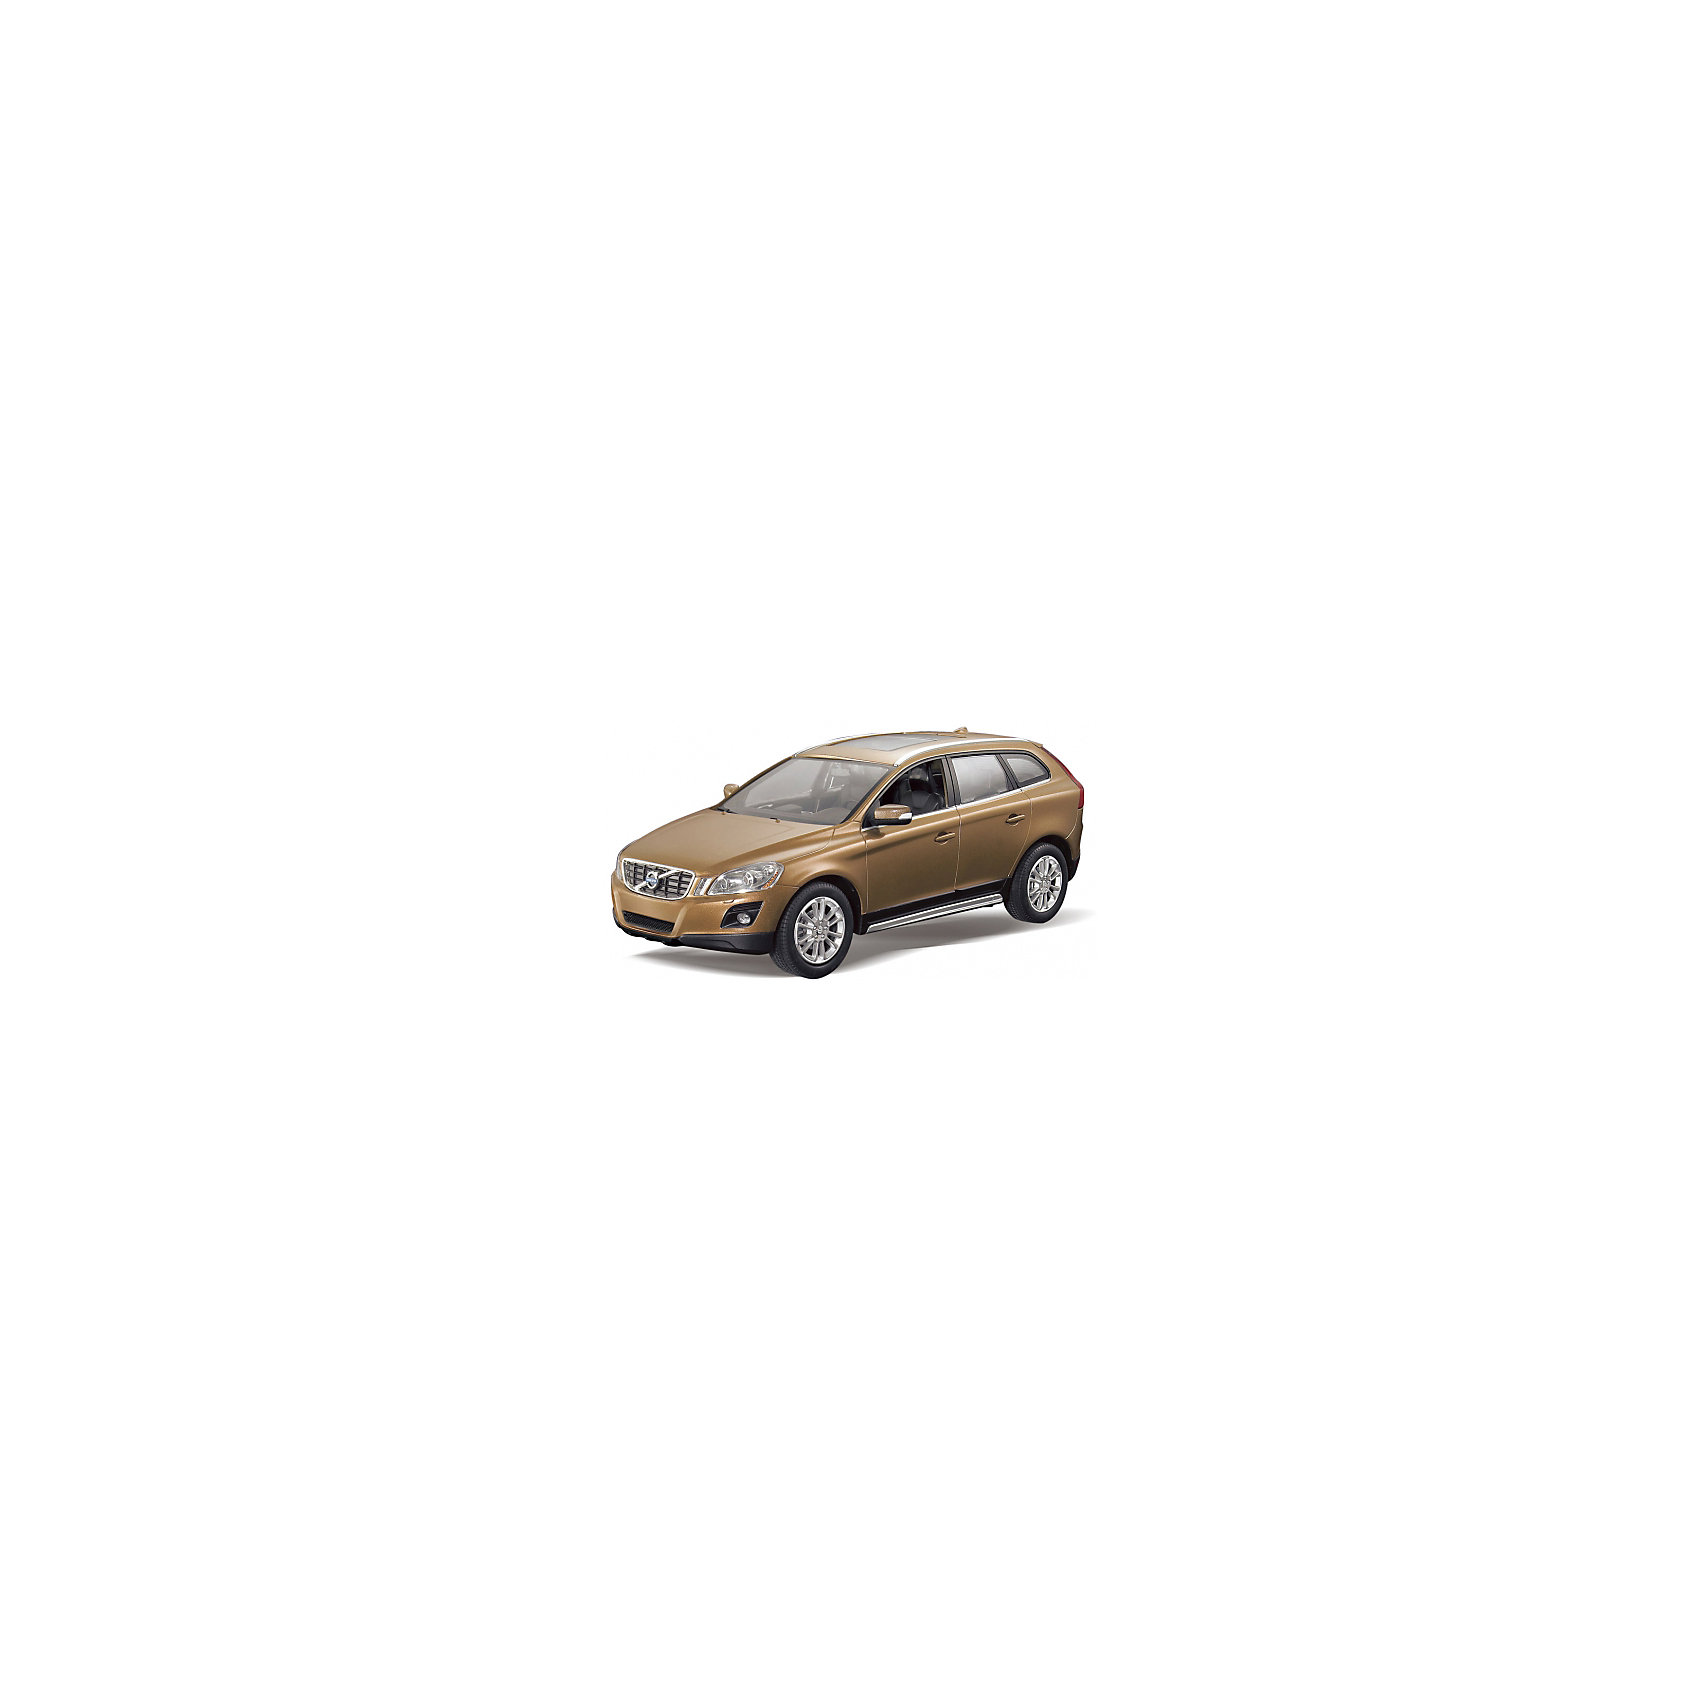 RASTAR Радиоуправляемая машина Volvo XC60 1:14, коричневыйRASTAR Радиоуправляемая машина Volvo XC60 1:14 - игрушка, которая наверняка приведет в восторг юного любителя  взрослых автомобилей: эта радиоуправляемая машина - уменьшенная копия настоящей Volvo! <br><br>Модель выполнена в масштабе 1: 14.<br><br>Особенности игрушки:<br><br>- Работает на частоте: 27MHz; <br>- Движение вперед, назад, вправо, влево; <br>- Контроль управления: 15 - 45 метров; <br>- Развивает скорость до: 7 км/ч; <br>- Светятся фары. <br><br><br>Дополнительная информация:<br><br><br>- Для работы требуются батарейки: 5 Х АА, 6F/22<br>(не входят в комплект).<br>- Размер упаковки: 45,5 х 21,5 х 19,5 см.<br>- Вес: 1,38 кг.<br><br>Ширина мм: 220<br>Глубина мм: 460<br>Высота мм: 200<br>Вес г: 1450<br>Возраст от месяцев: 36<br>Возраст до месяцев: 144<br>Пол: Мужской<br>Возраст: Детский<br>SKU: 4845195